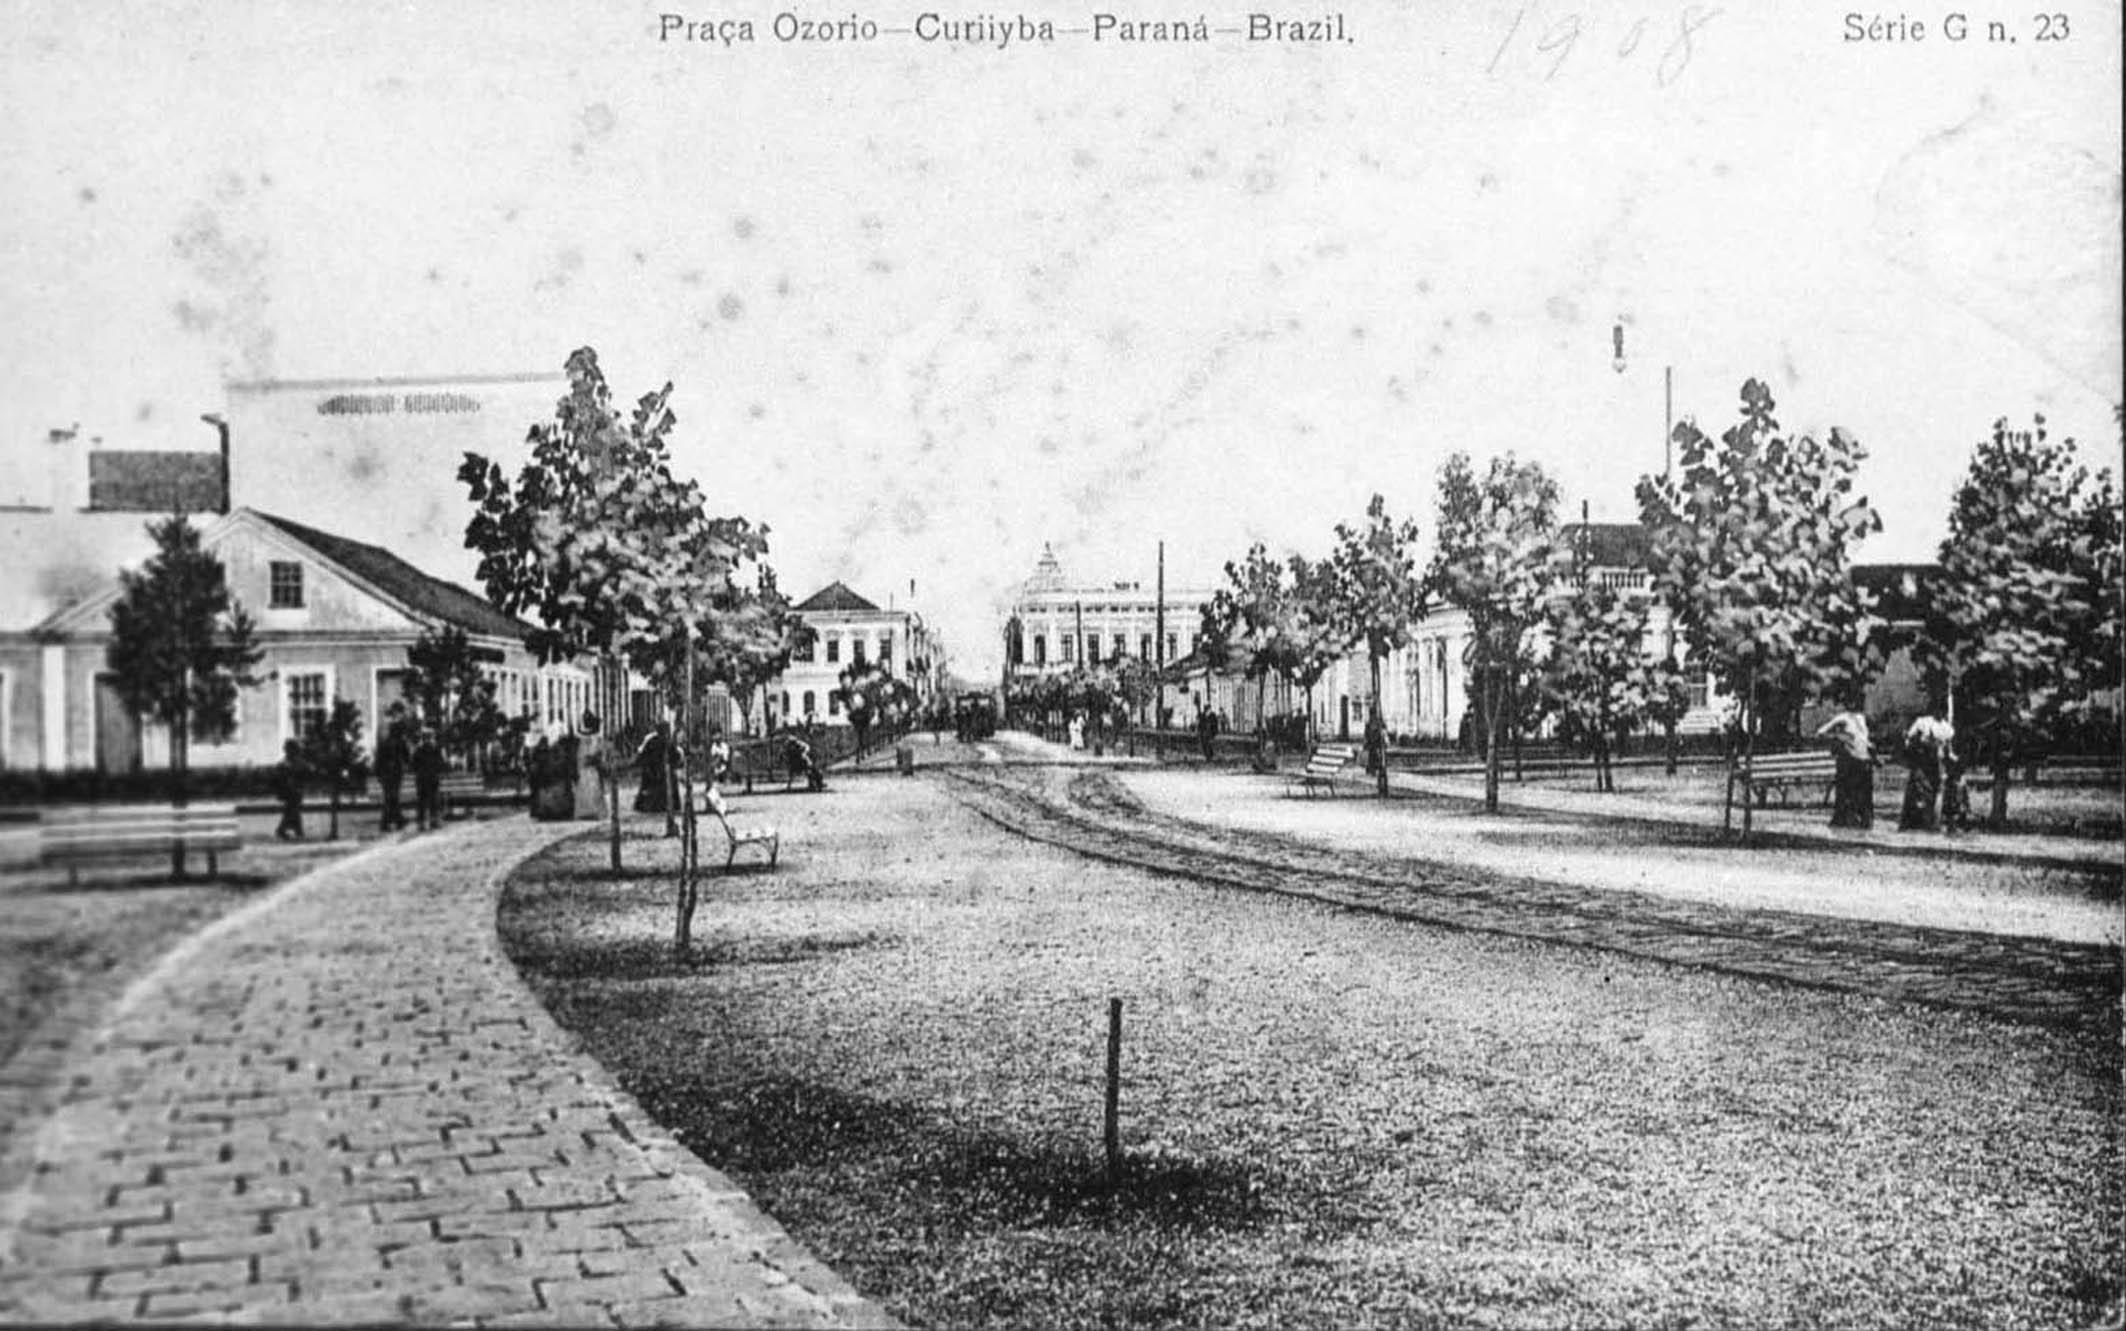 Praça Osório em 1908, após os melhoramentos iniciados no ano de 1903. Em destaque a via central, por onde circula o bonde puxado à mula. As árvores estão mais crescidas em comparação com a foto anterior, amenizando a aridez do local.